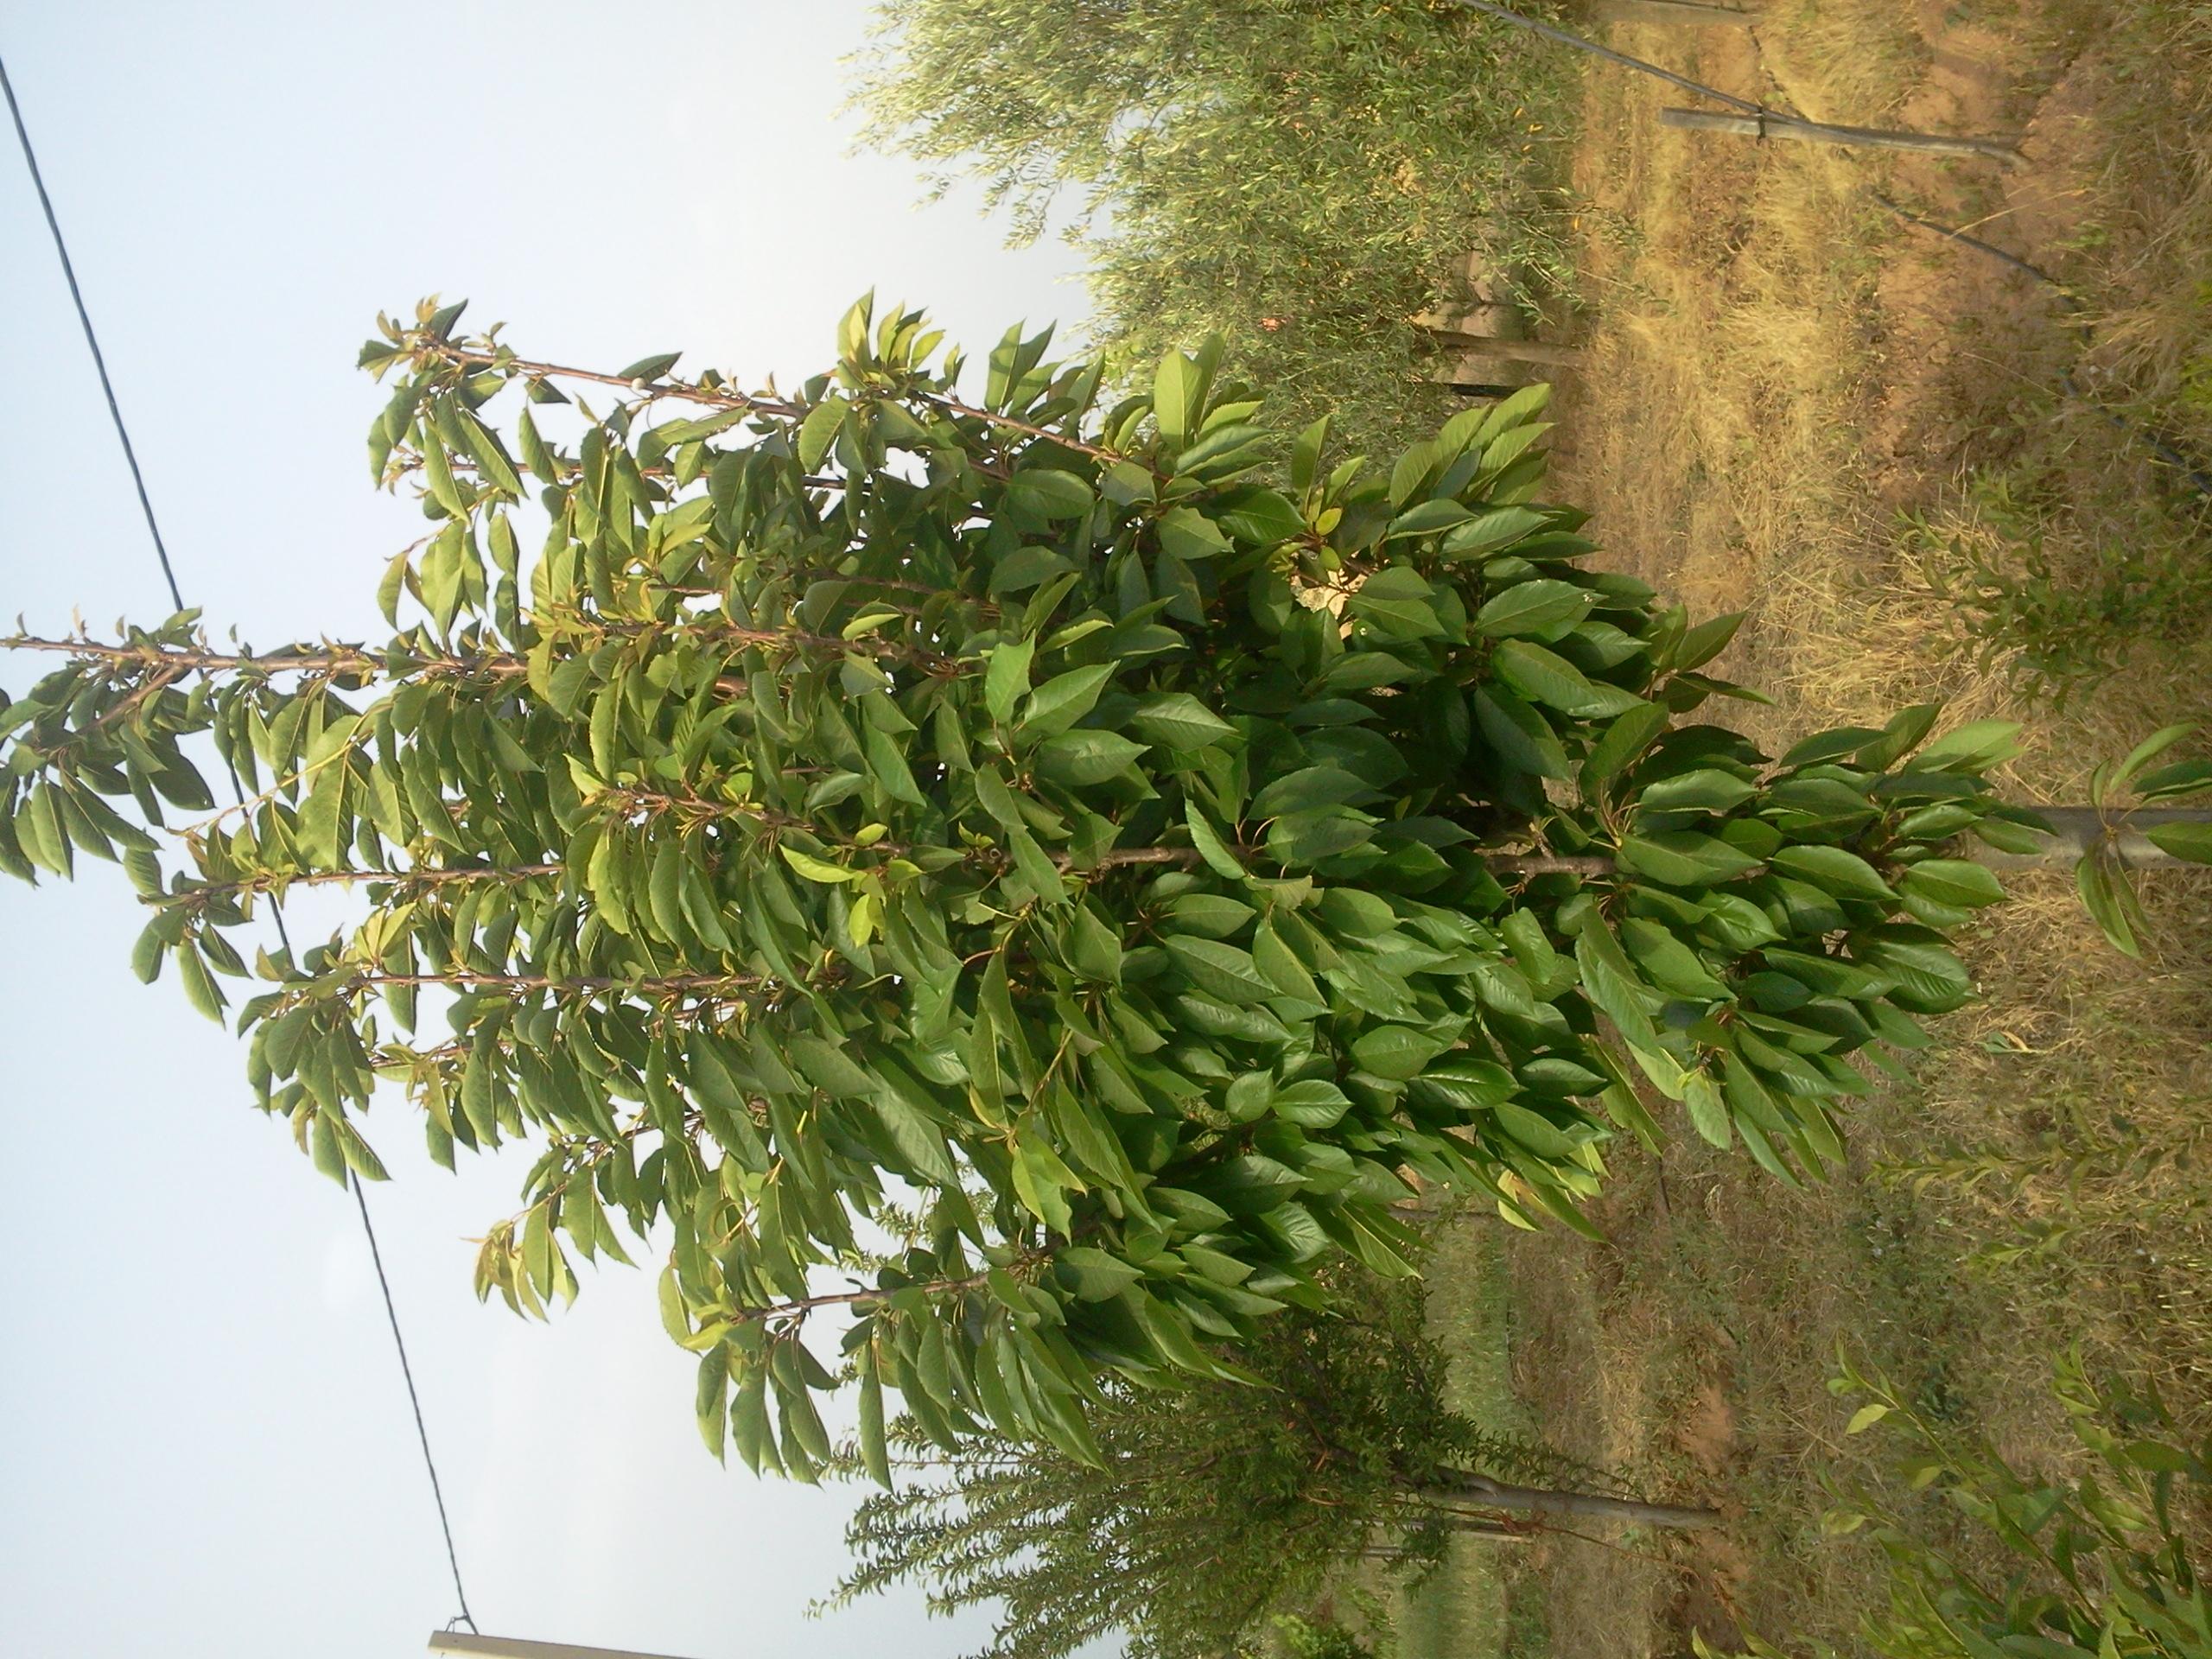 identifie prunus un arbre a identifier svp au jardin forum de jardinage. Black Bedroom Furniture Sets. Home Design Ideas